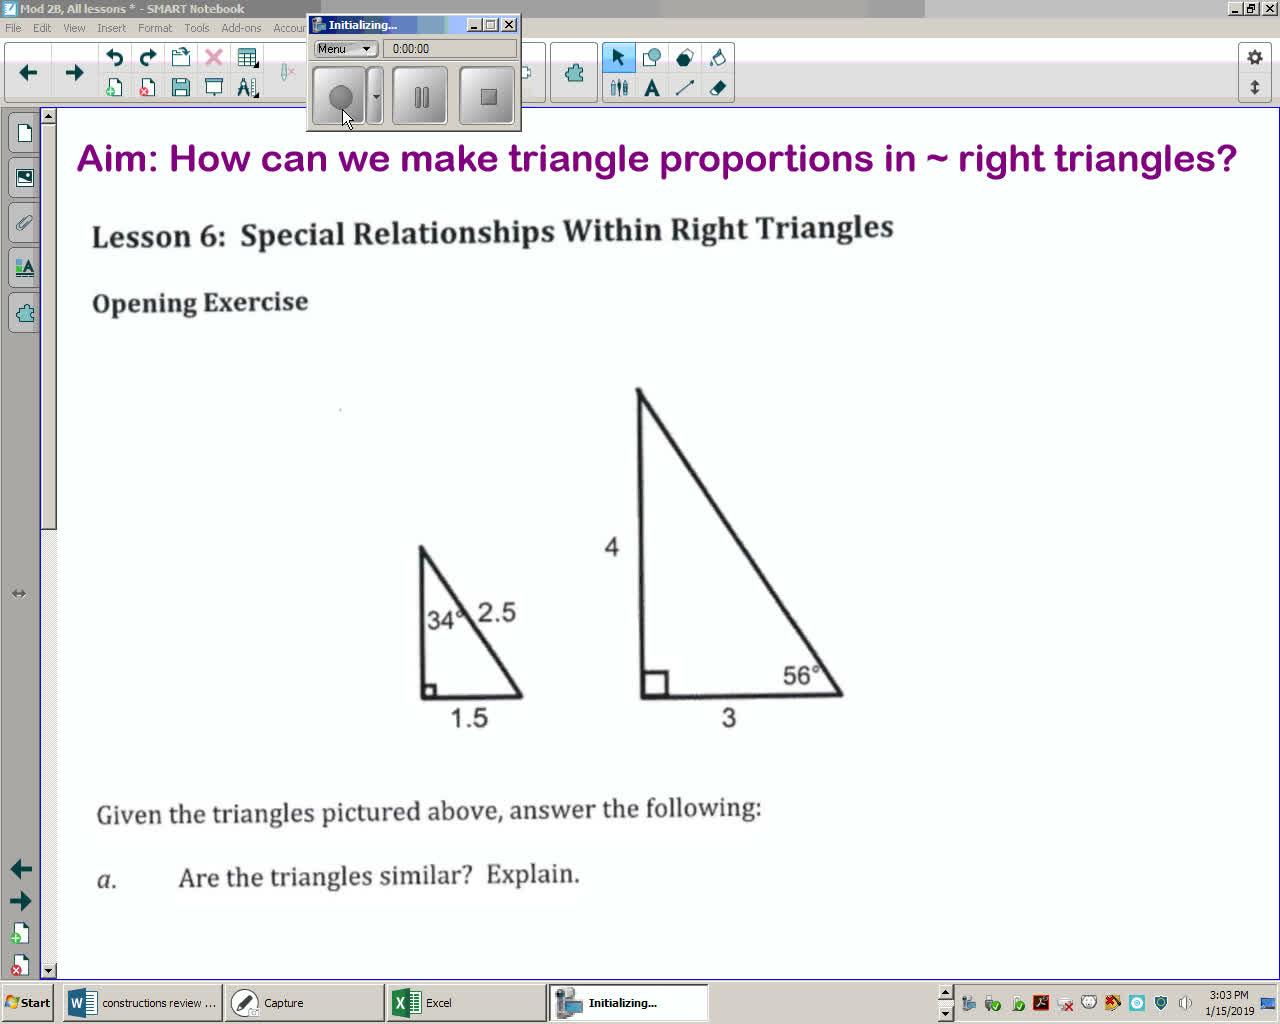 Mod 2B Unit 5 Lesson 6